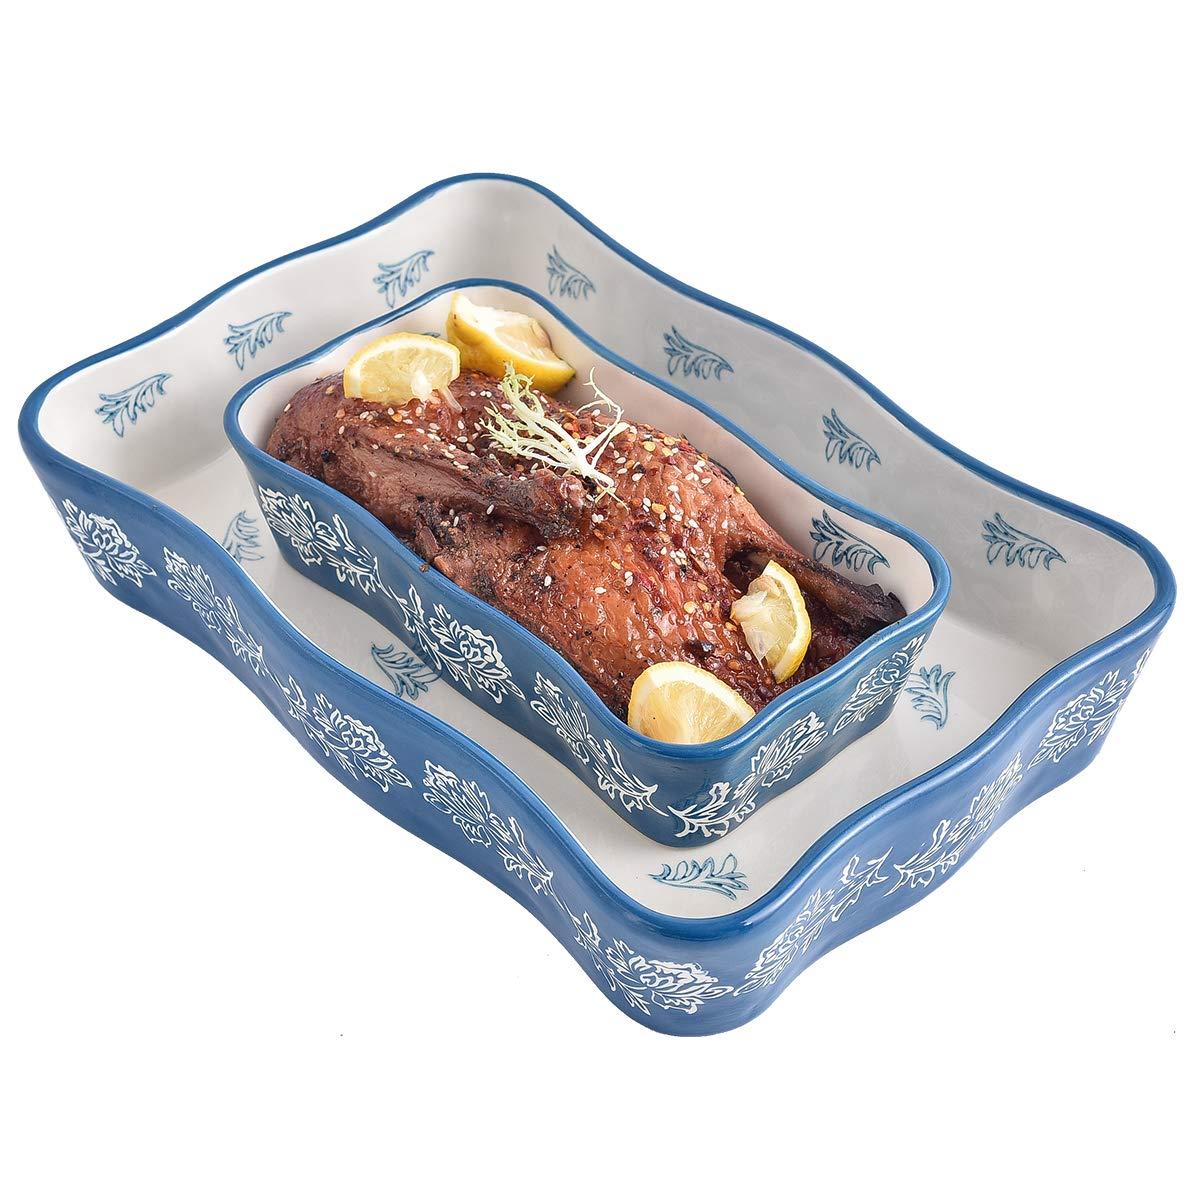 Bakeware Set, Wisenvoy 2 PCS Heat-resistant Ceramic Baking Dish Set, Rectangular Hand Painted Flower Design Baking Dish Set Cooking Pans, Blue